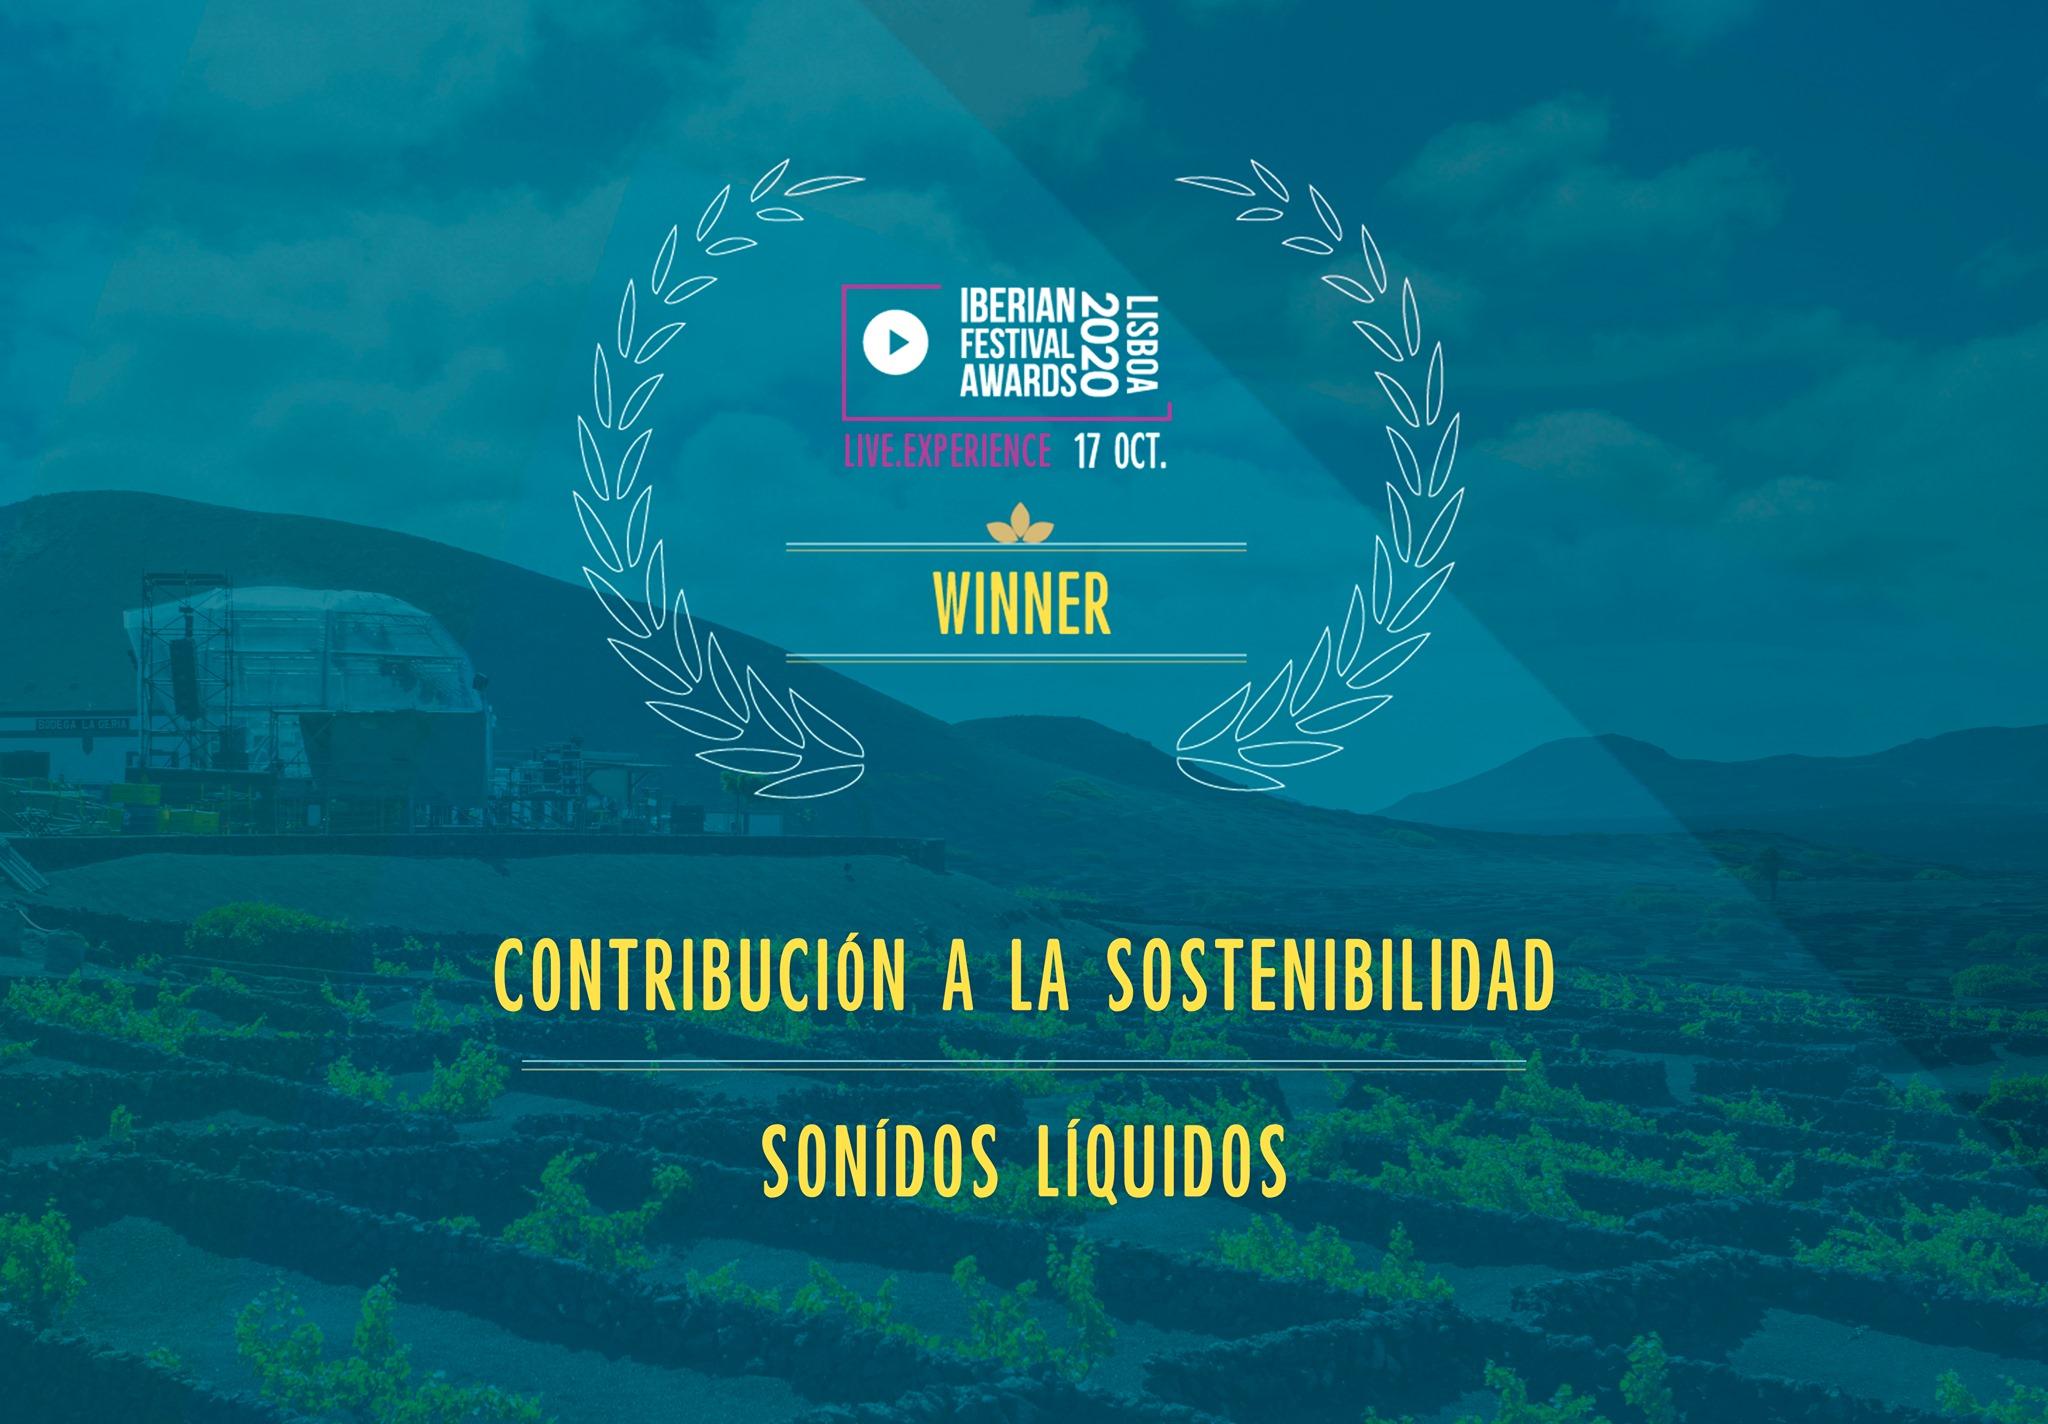 Sonidos Líquidos, mejor festival sostenible en los Iberian Festival Awards